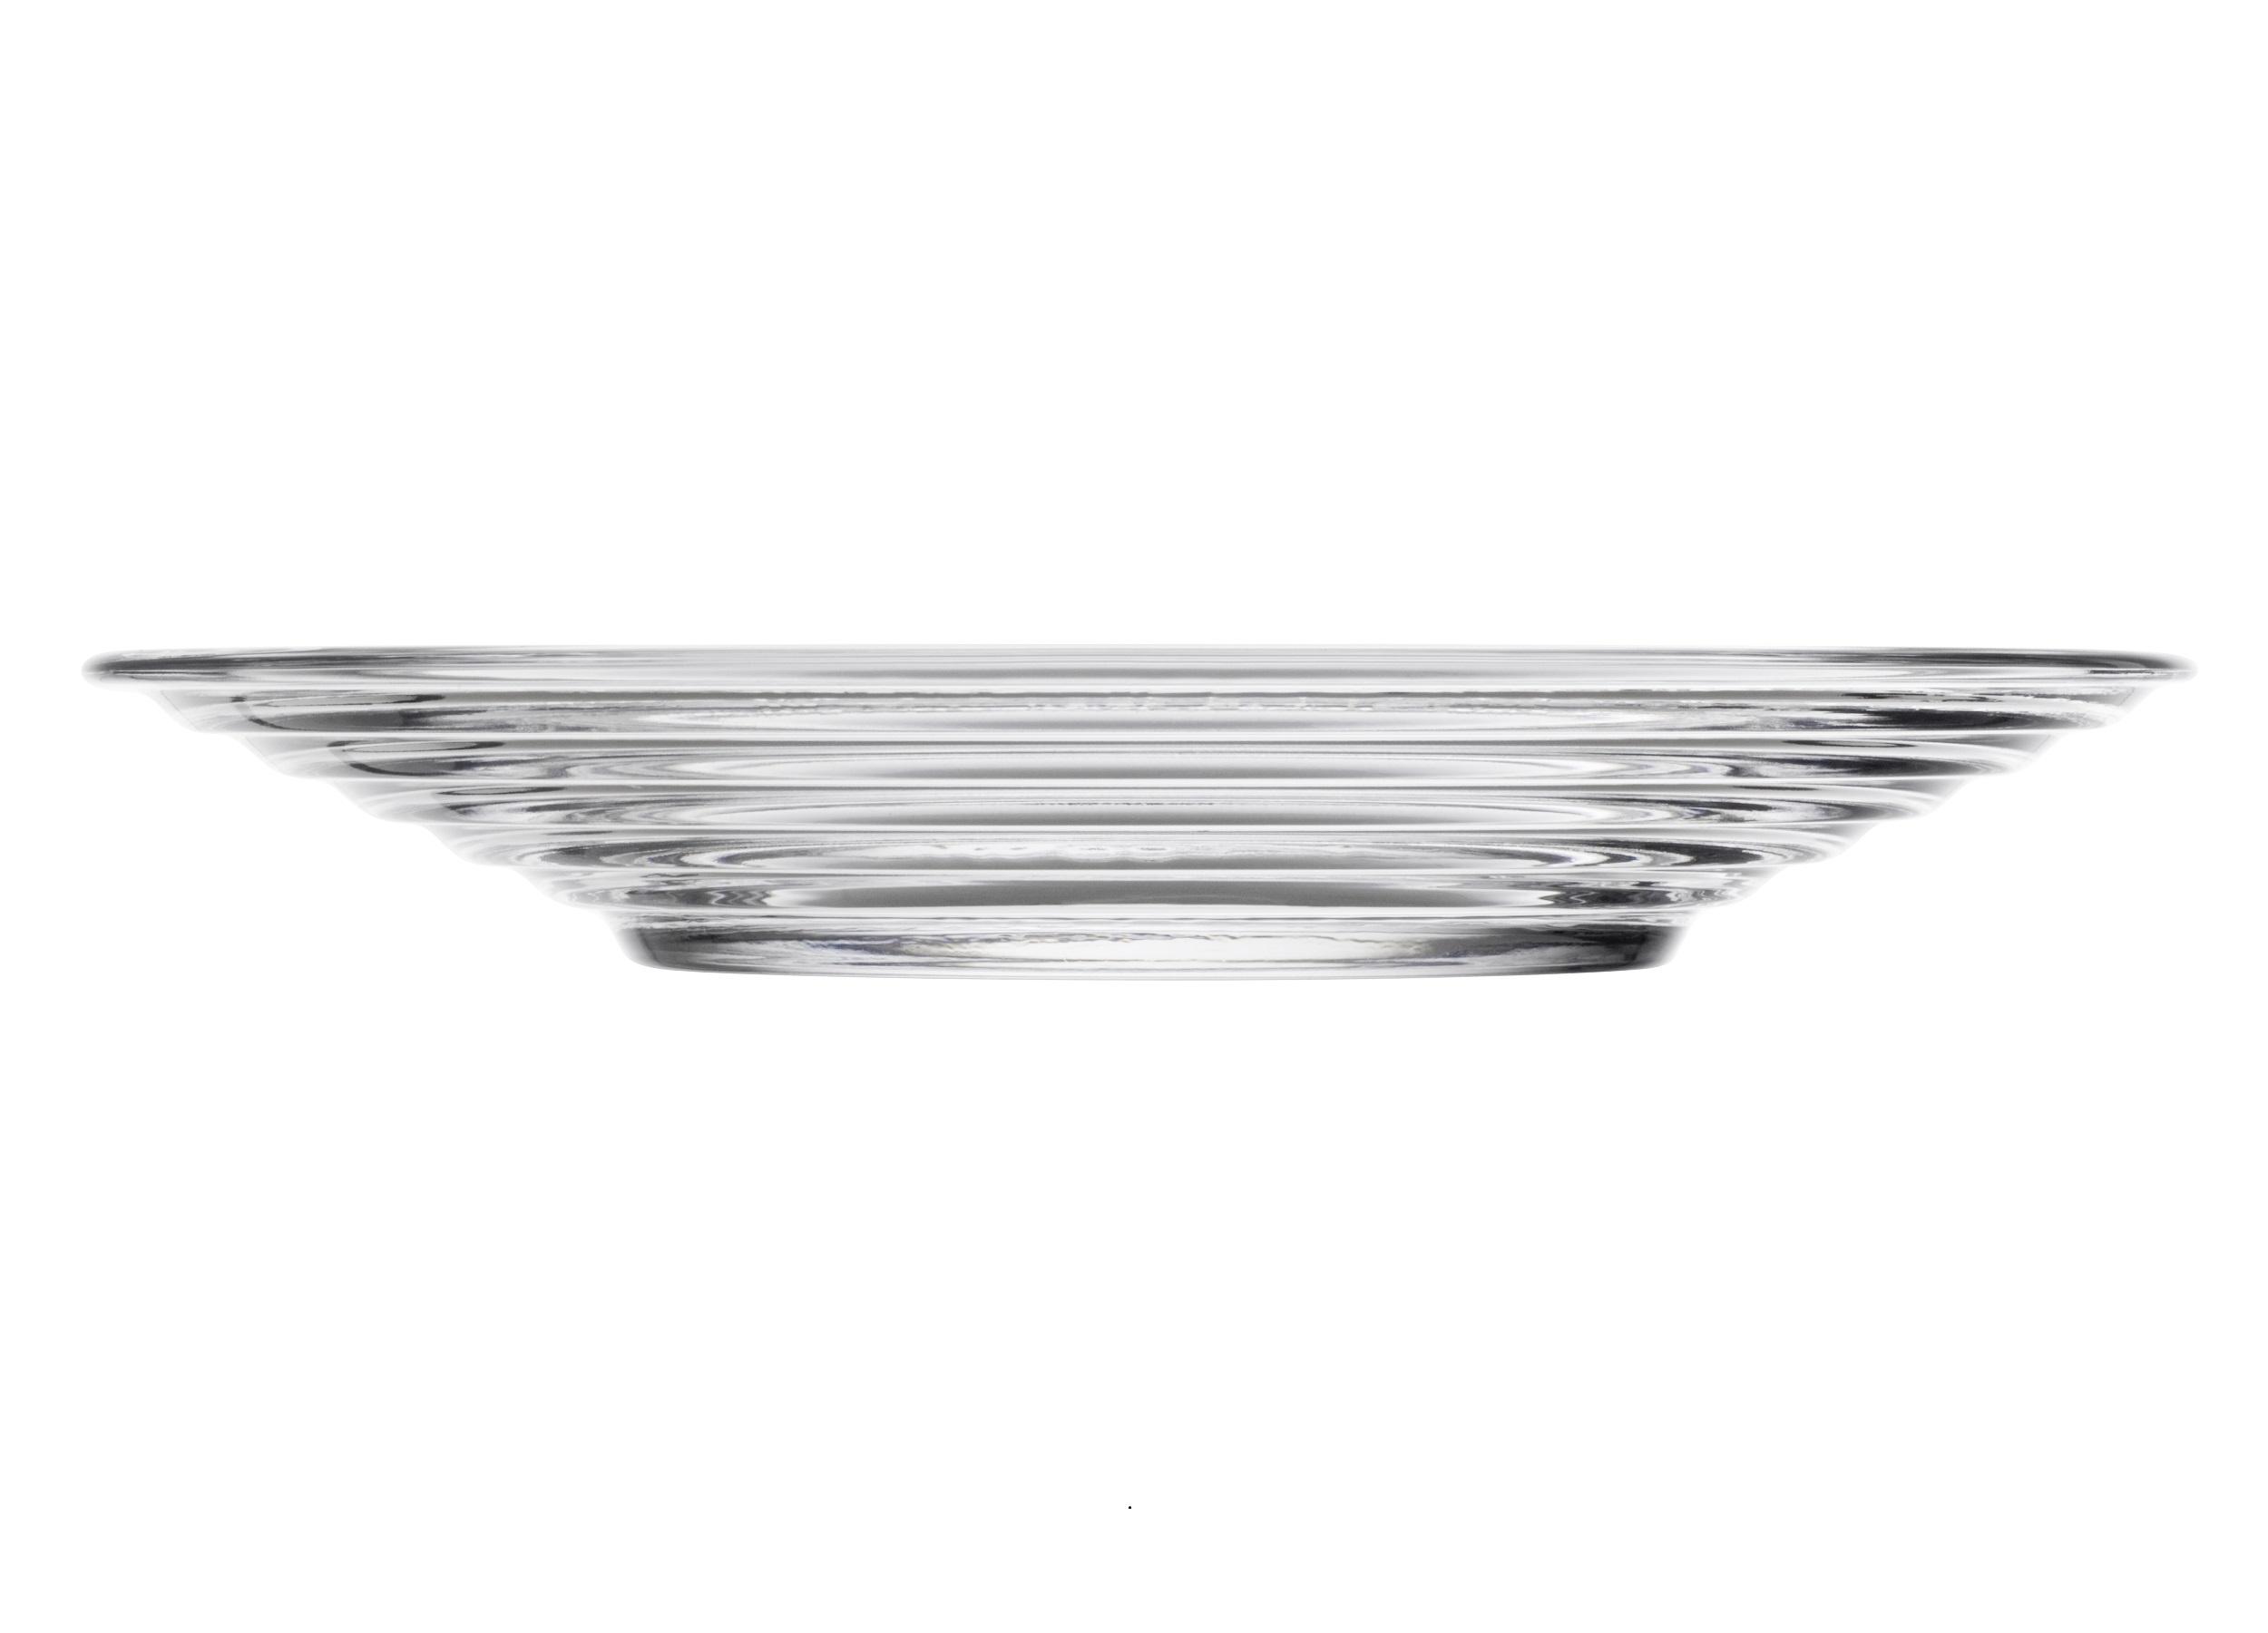 Тарелка Aino AaltoТарелки<br>Простота, компактность хранения и универсальность – ключеные характеристики посуды серии Aino Aalto. Этот необычный дизайн раскрывает всю красоту разводов на воде от упавшего камешка. Дизайн не менялся с 1932 года.<br><br>Material: Стекло<br>Высота см: 2